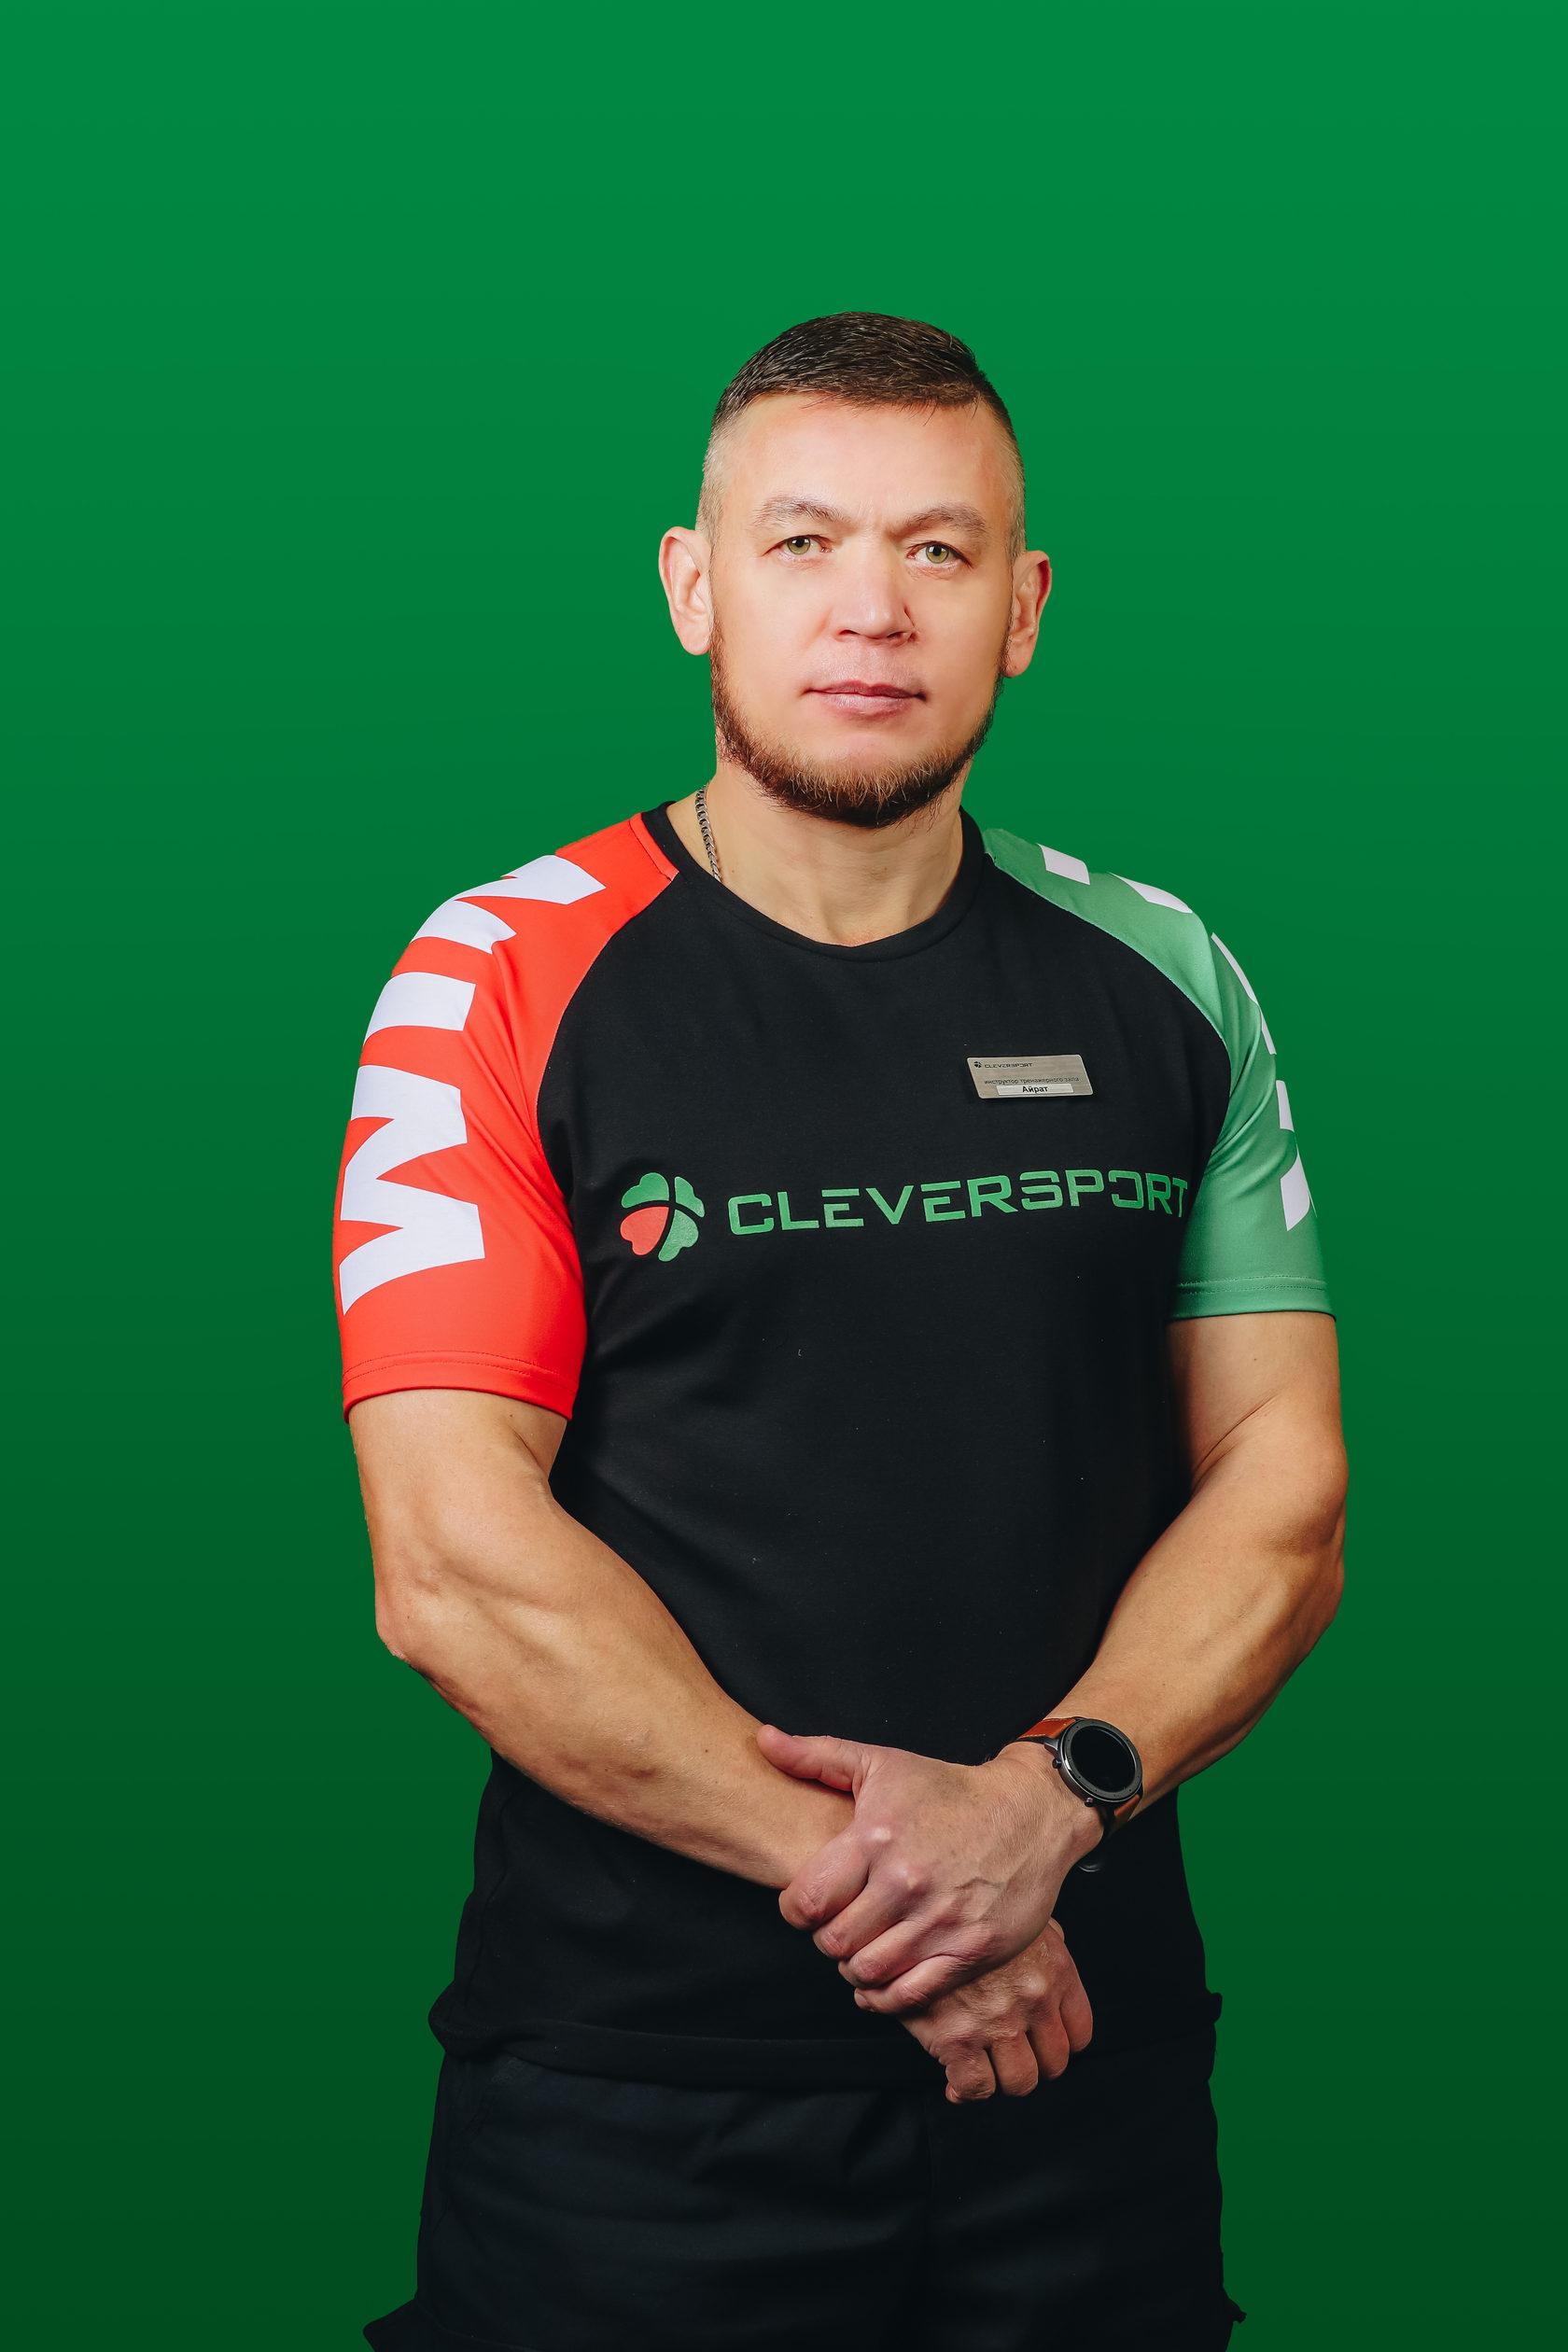 Айрат Мугнутдинов. Массажист.